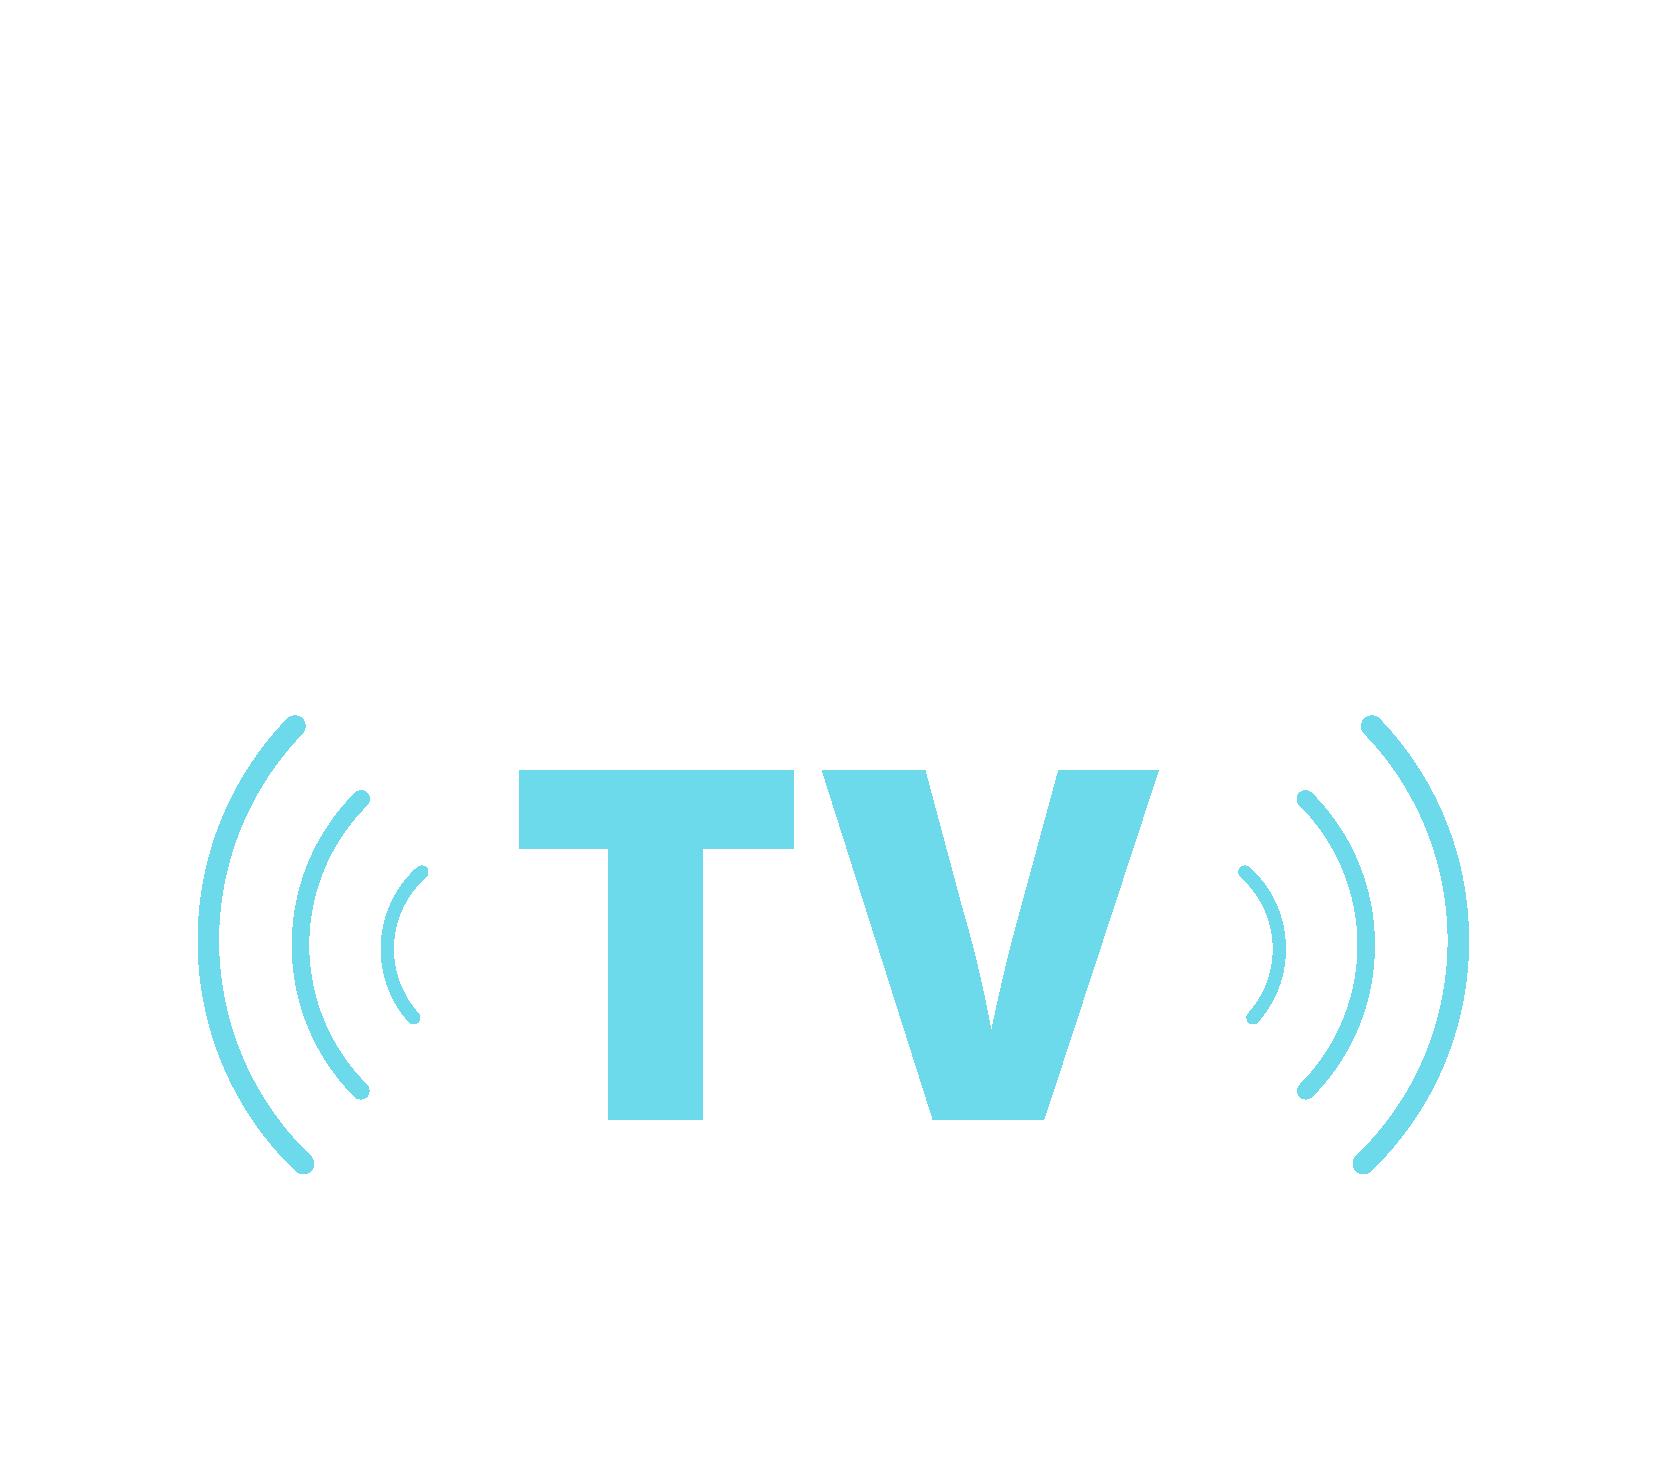 glss homepage glss homepage